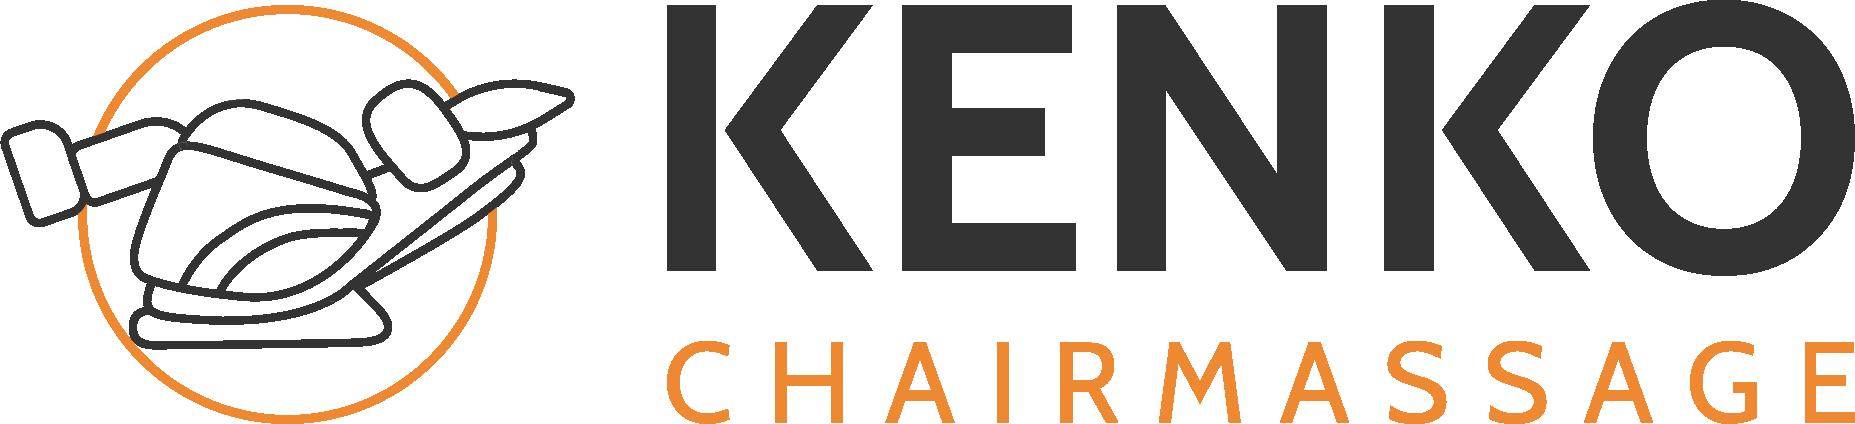 Kenko Chair Massage